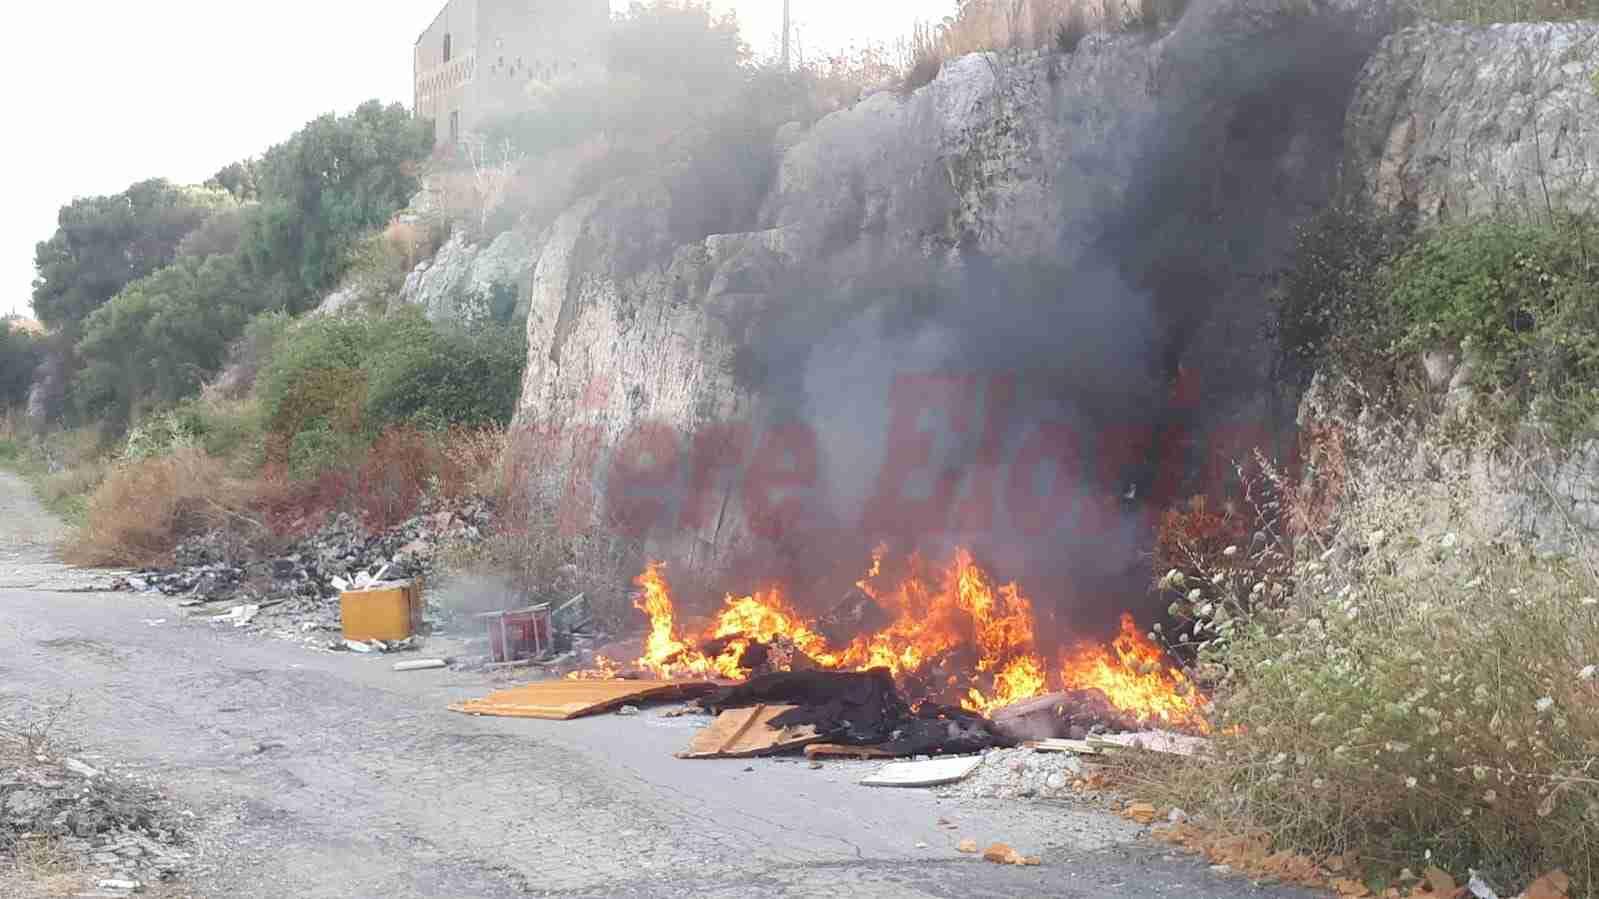 """In fiamme l'immondizia abbandonata dagli incivili: """"Dove sono i controlli?"""""""